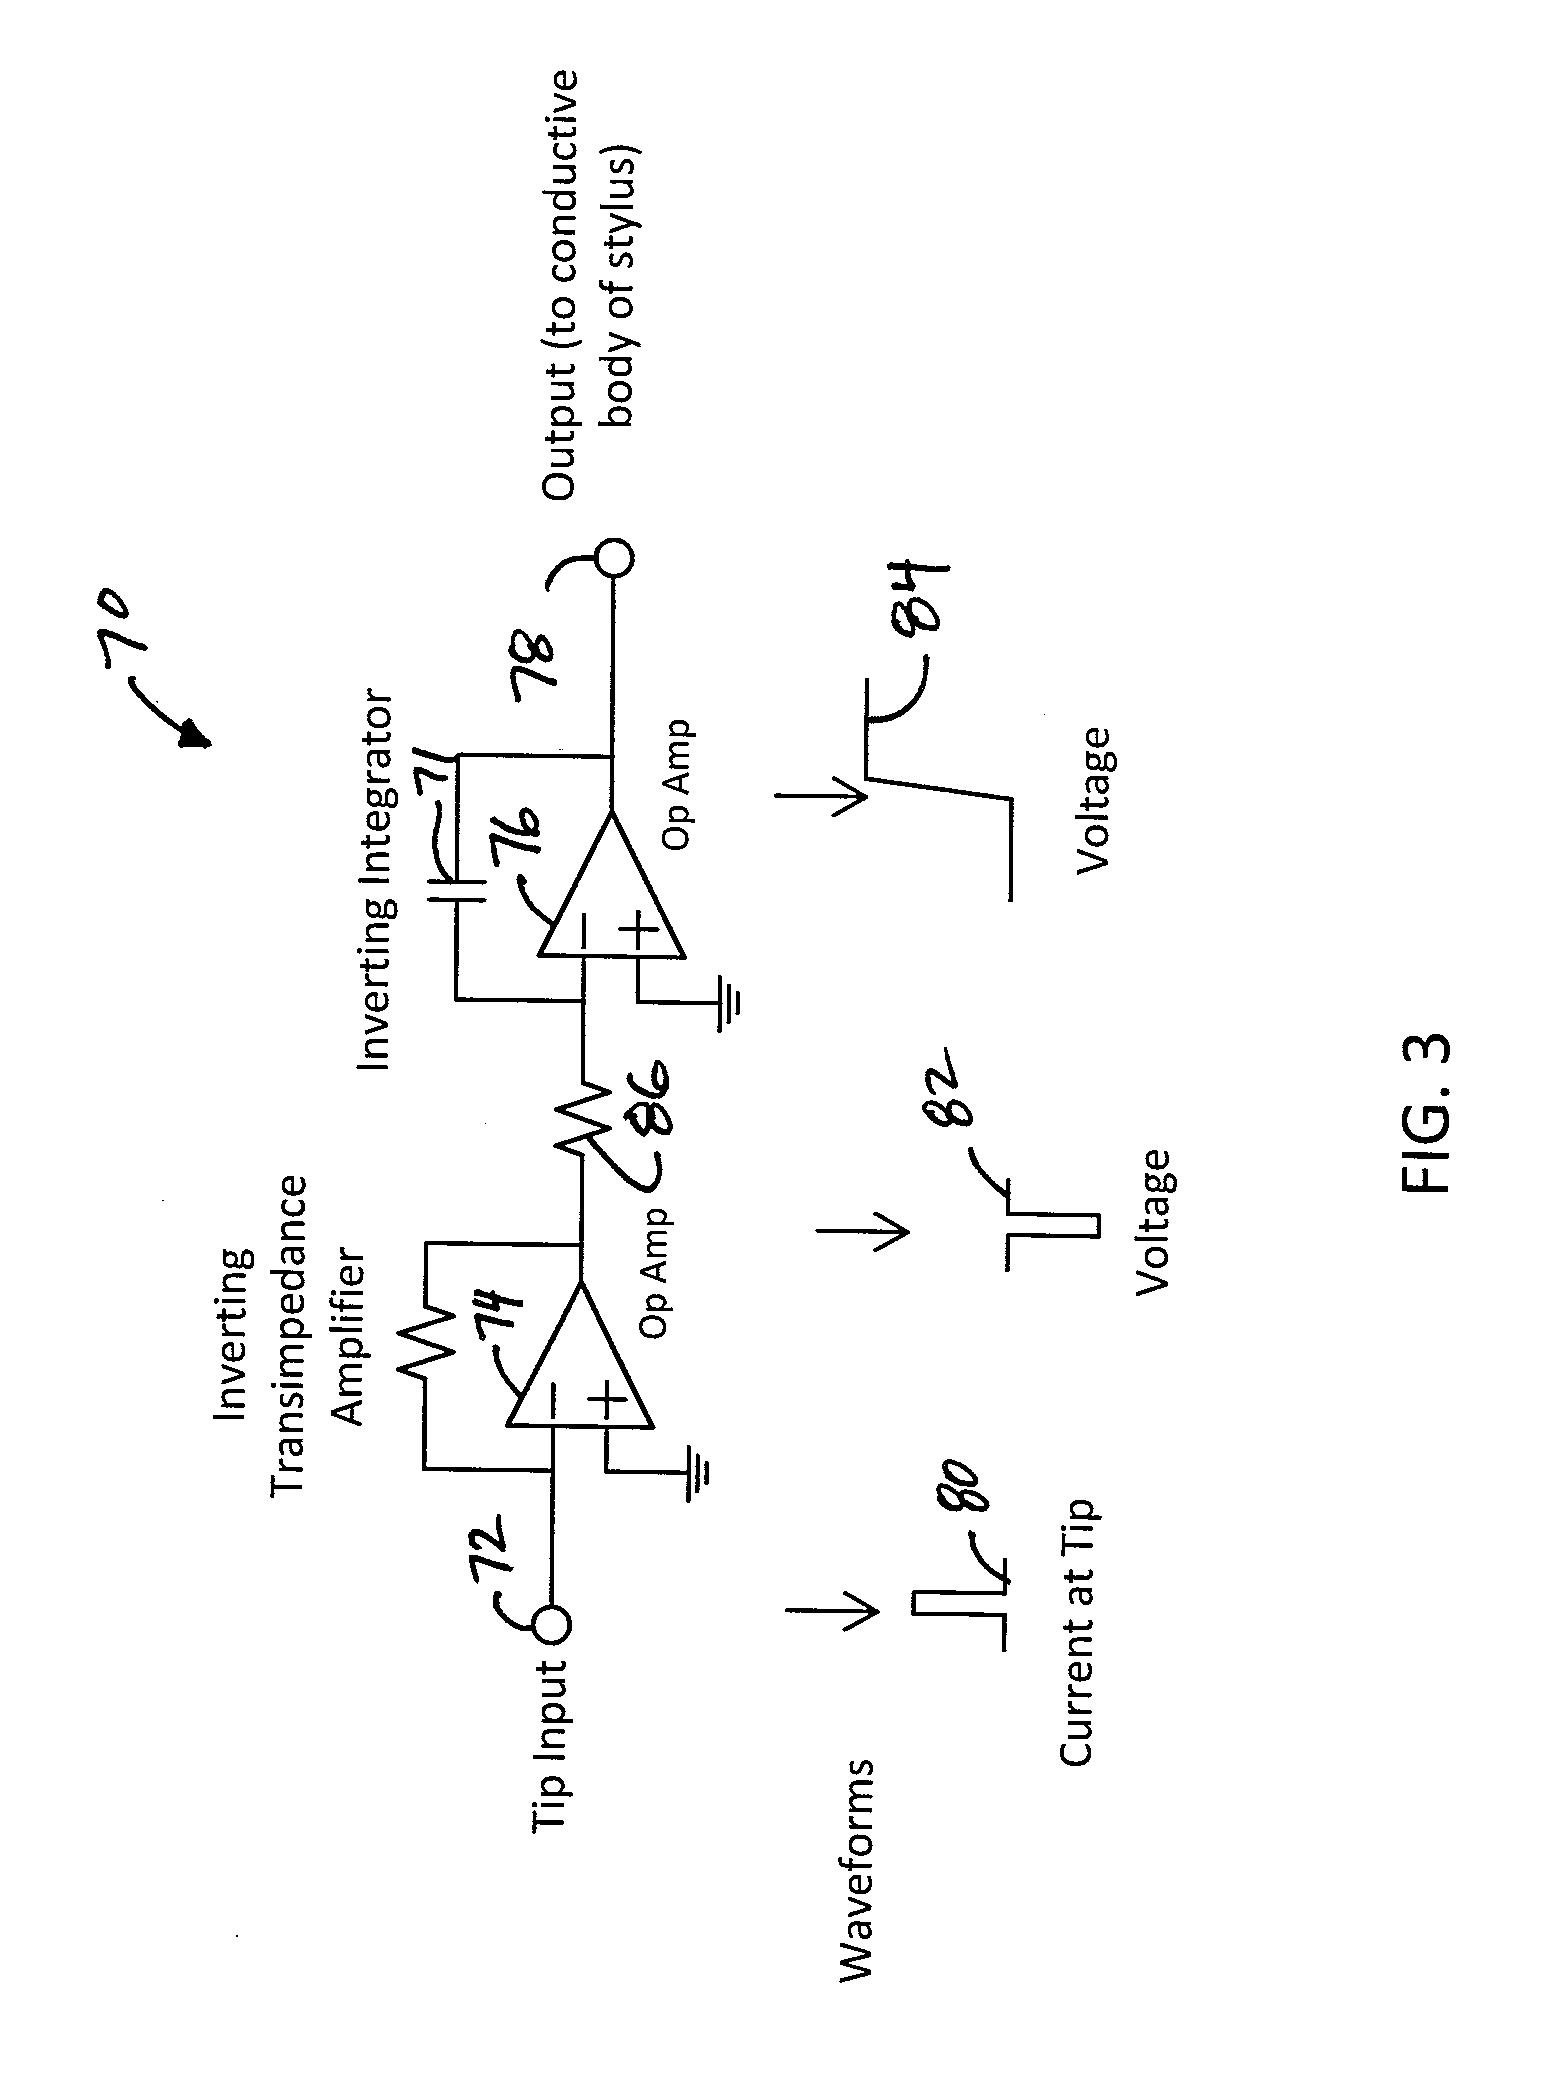 patent us20130002606